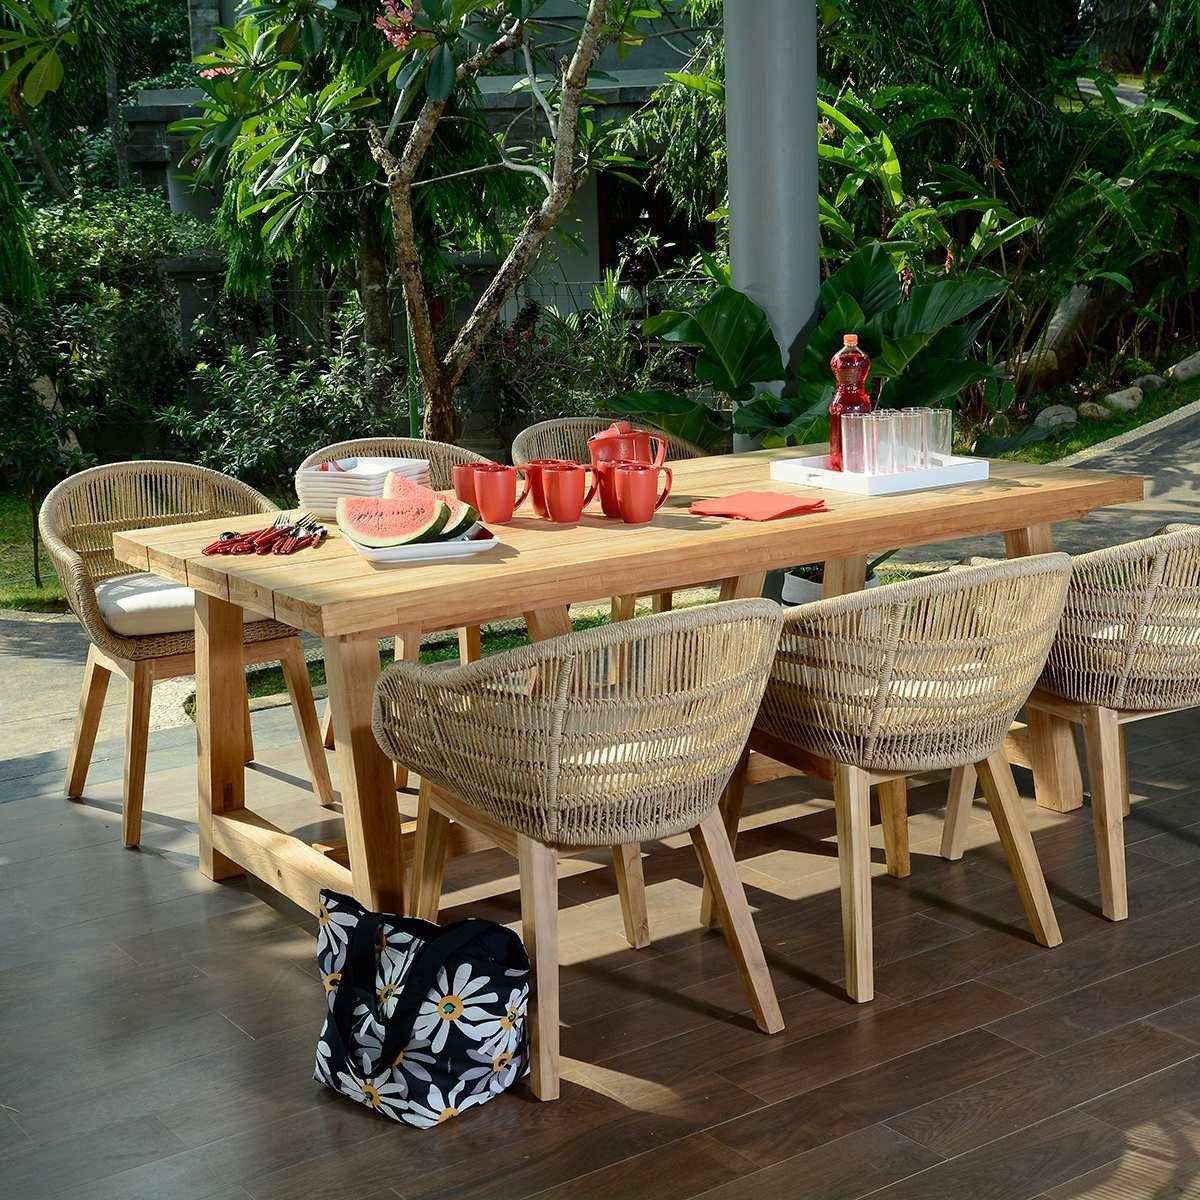 Salon De Jardin Chaumont 250 En Teck Effet Recyclé Pas Cher ... pour Salon De Jardin Teck Solde